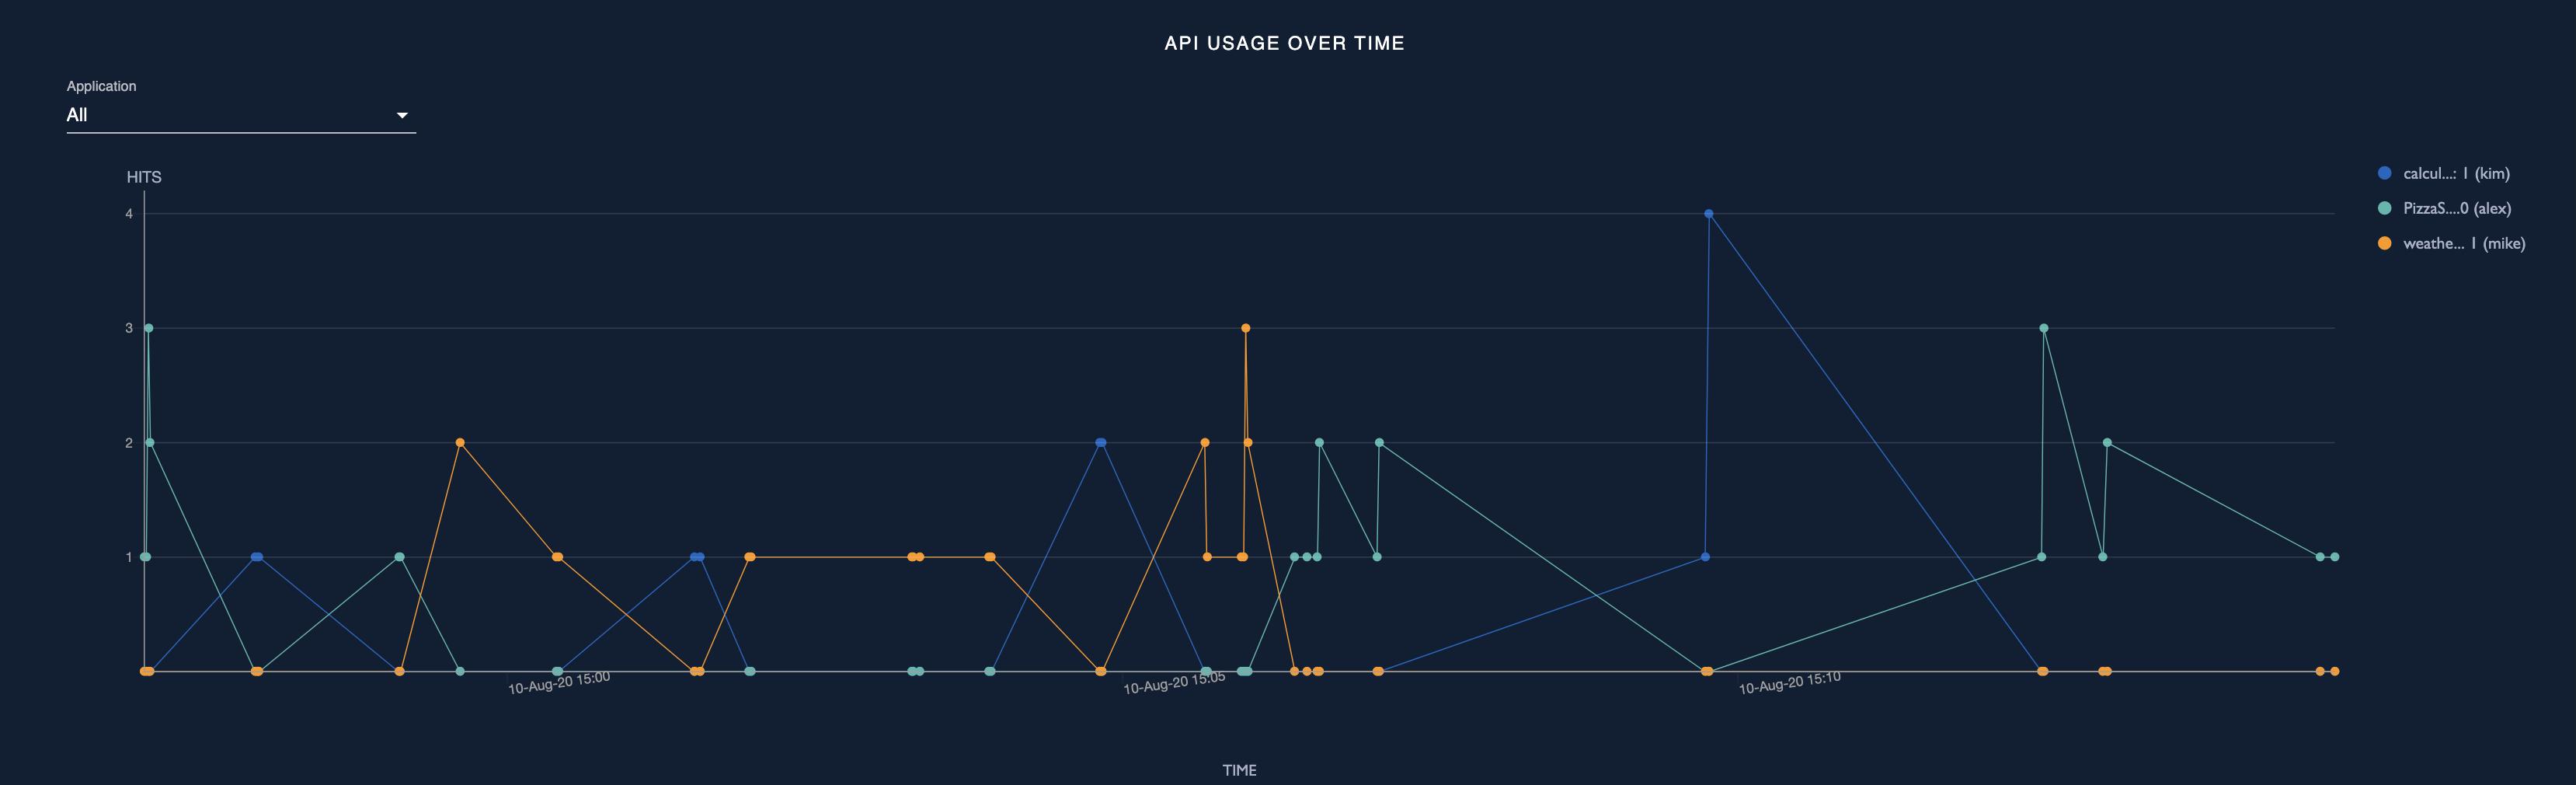 API usage over time